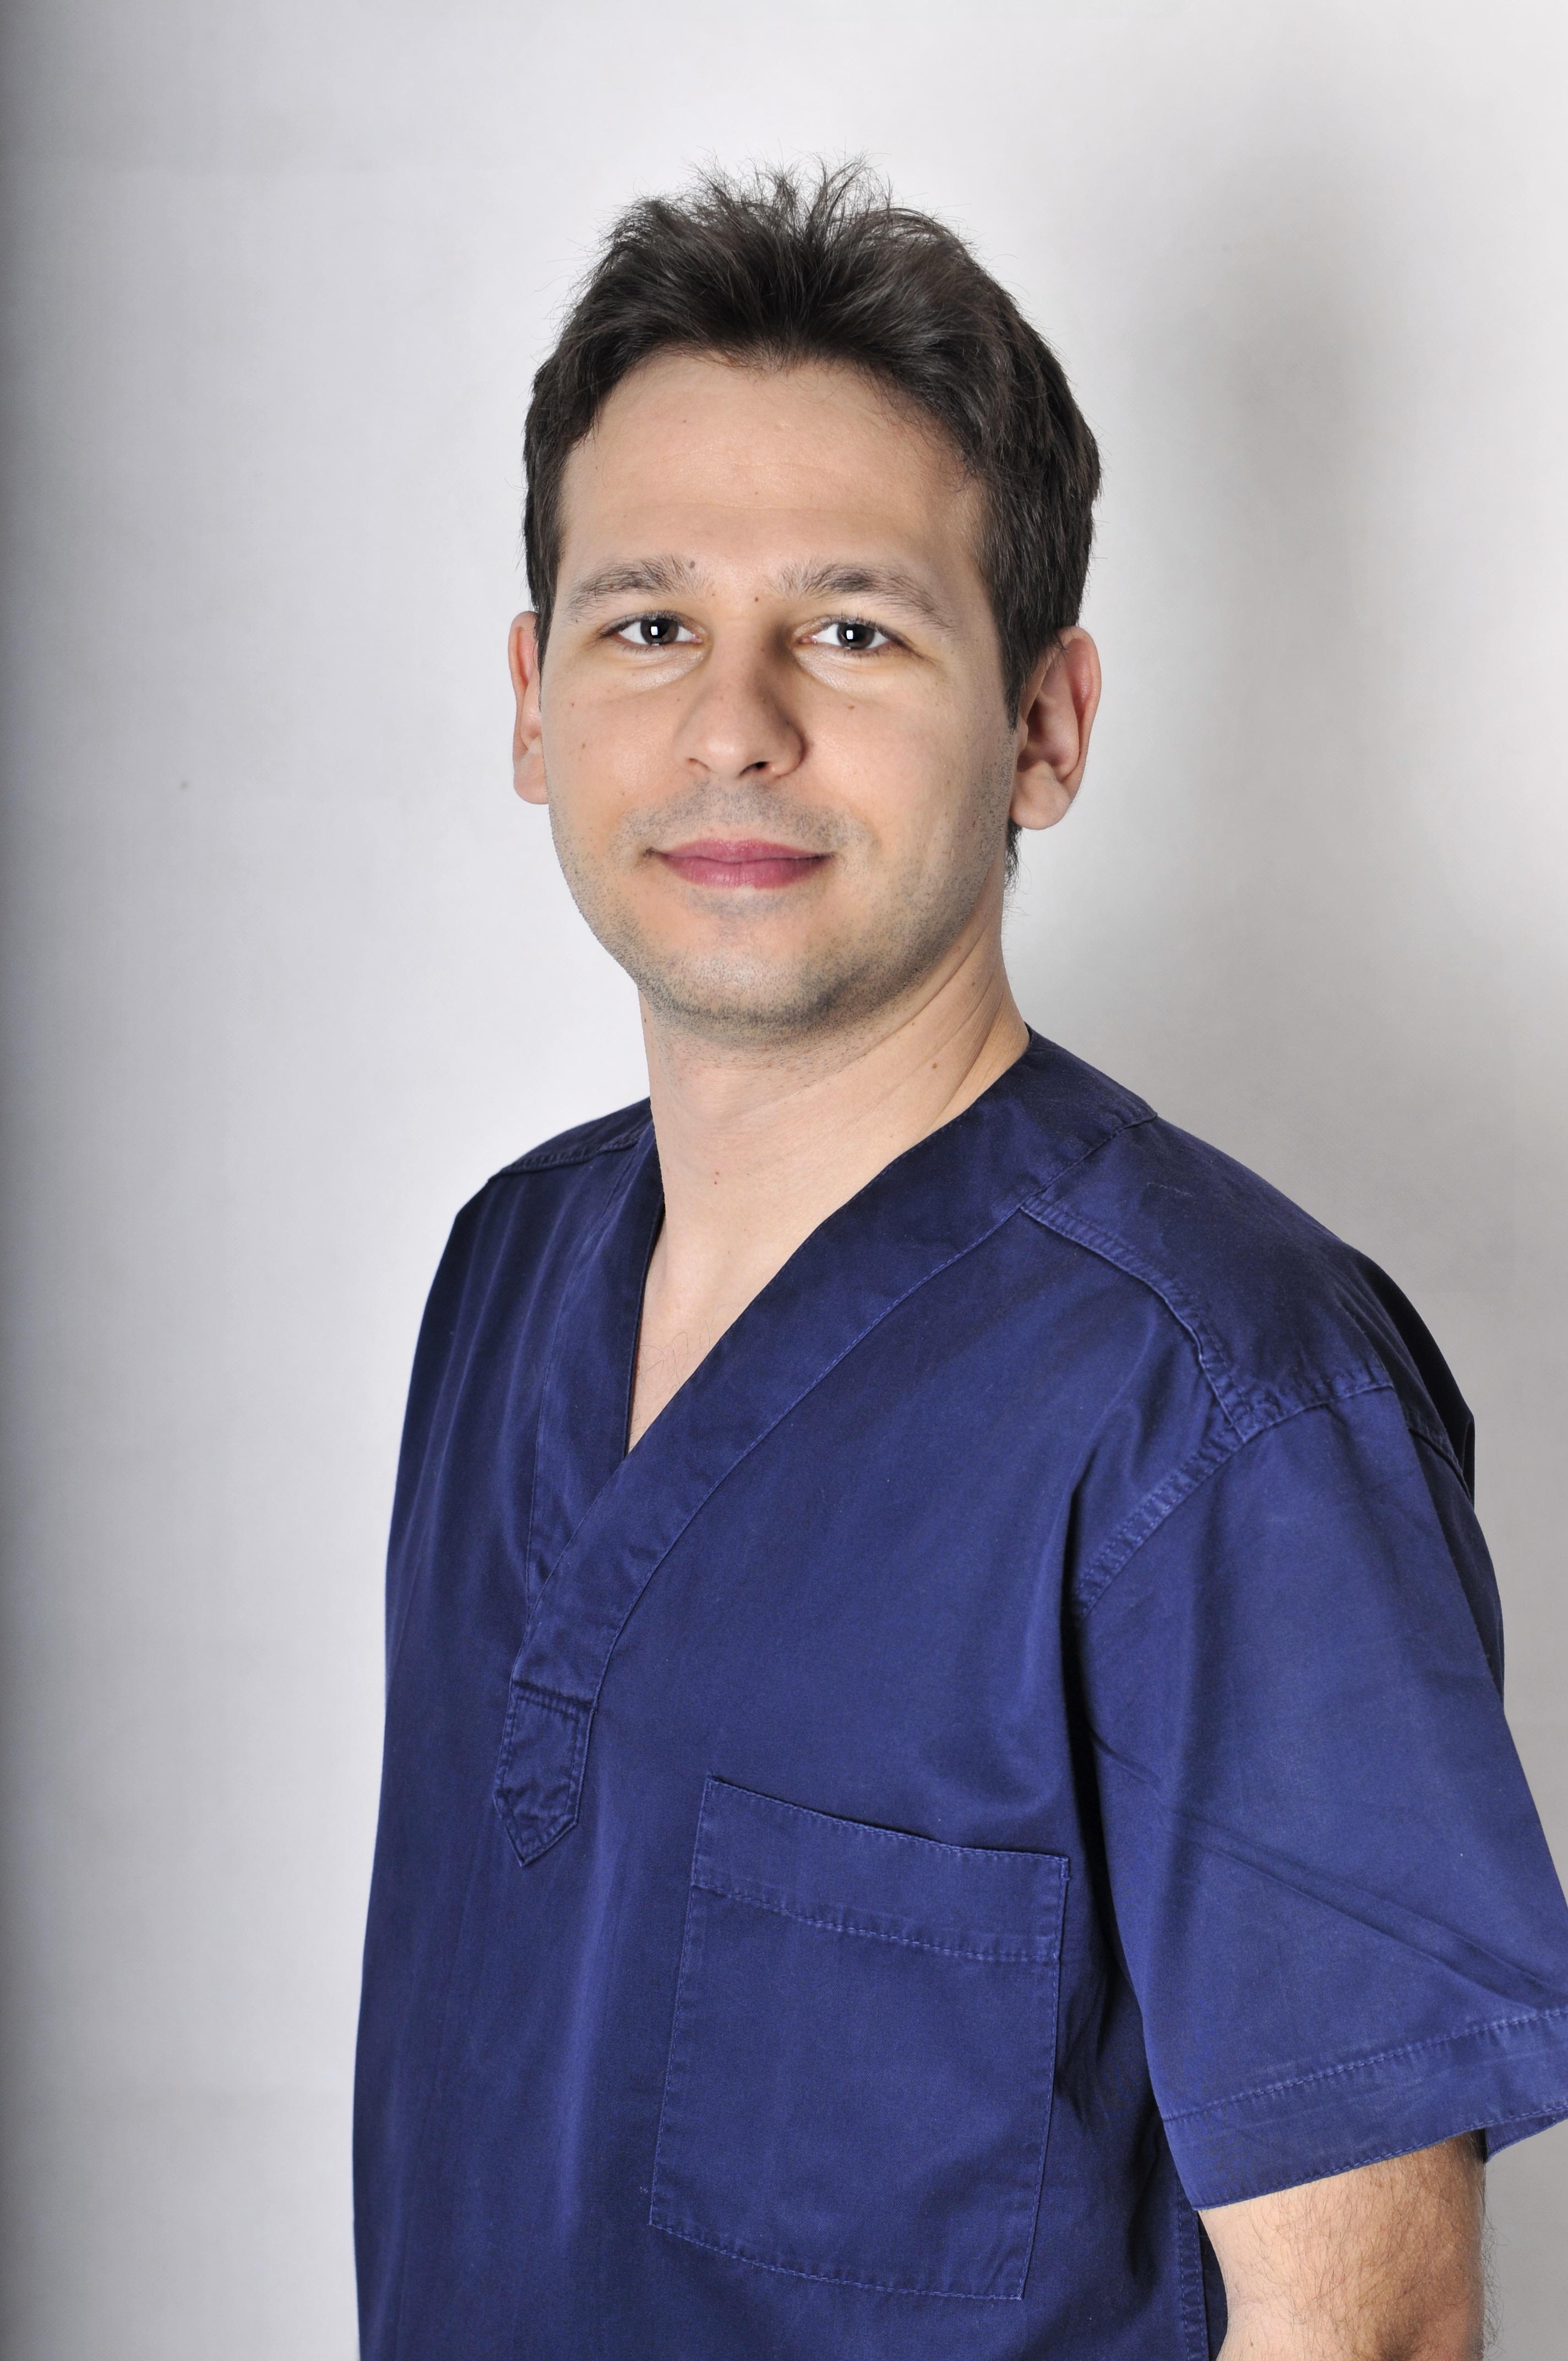 Dr. Eszter Vamos